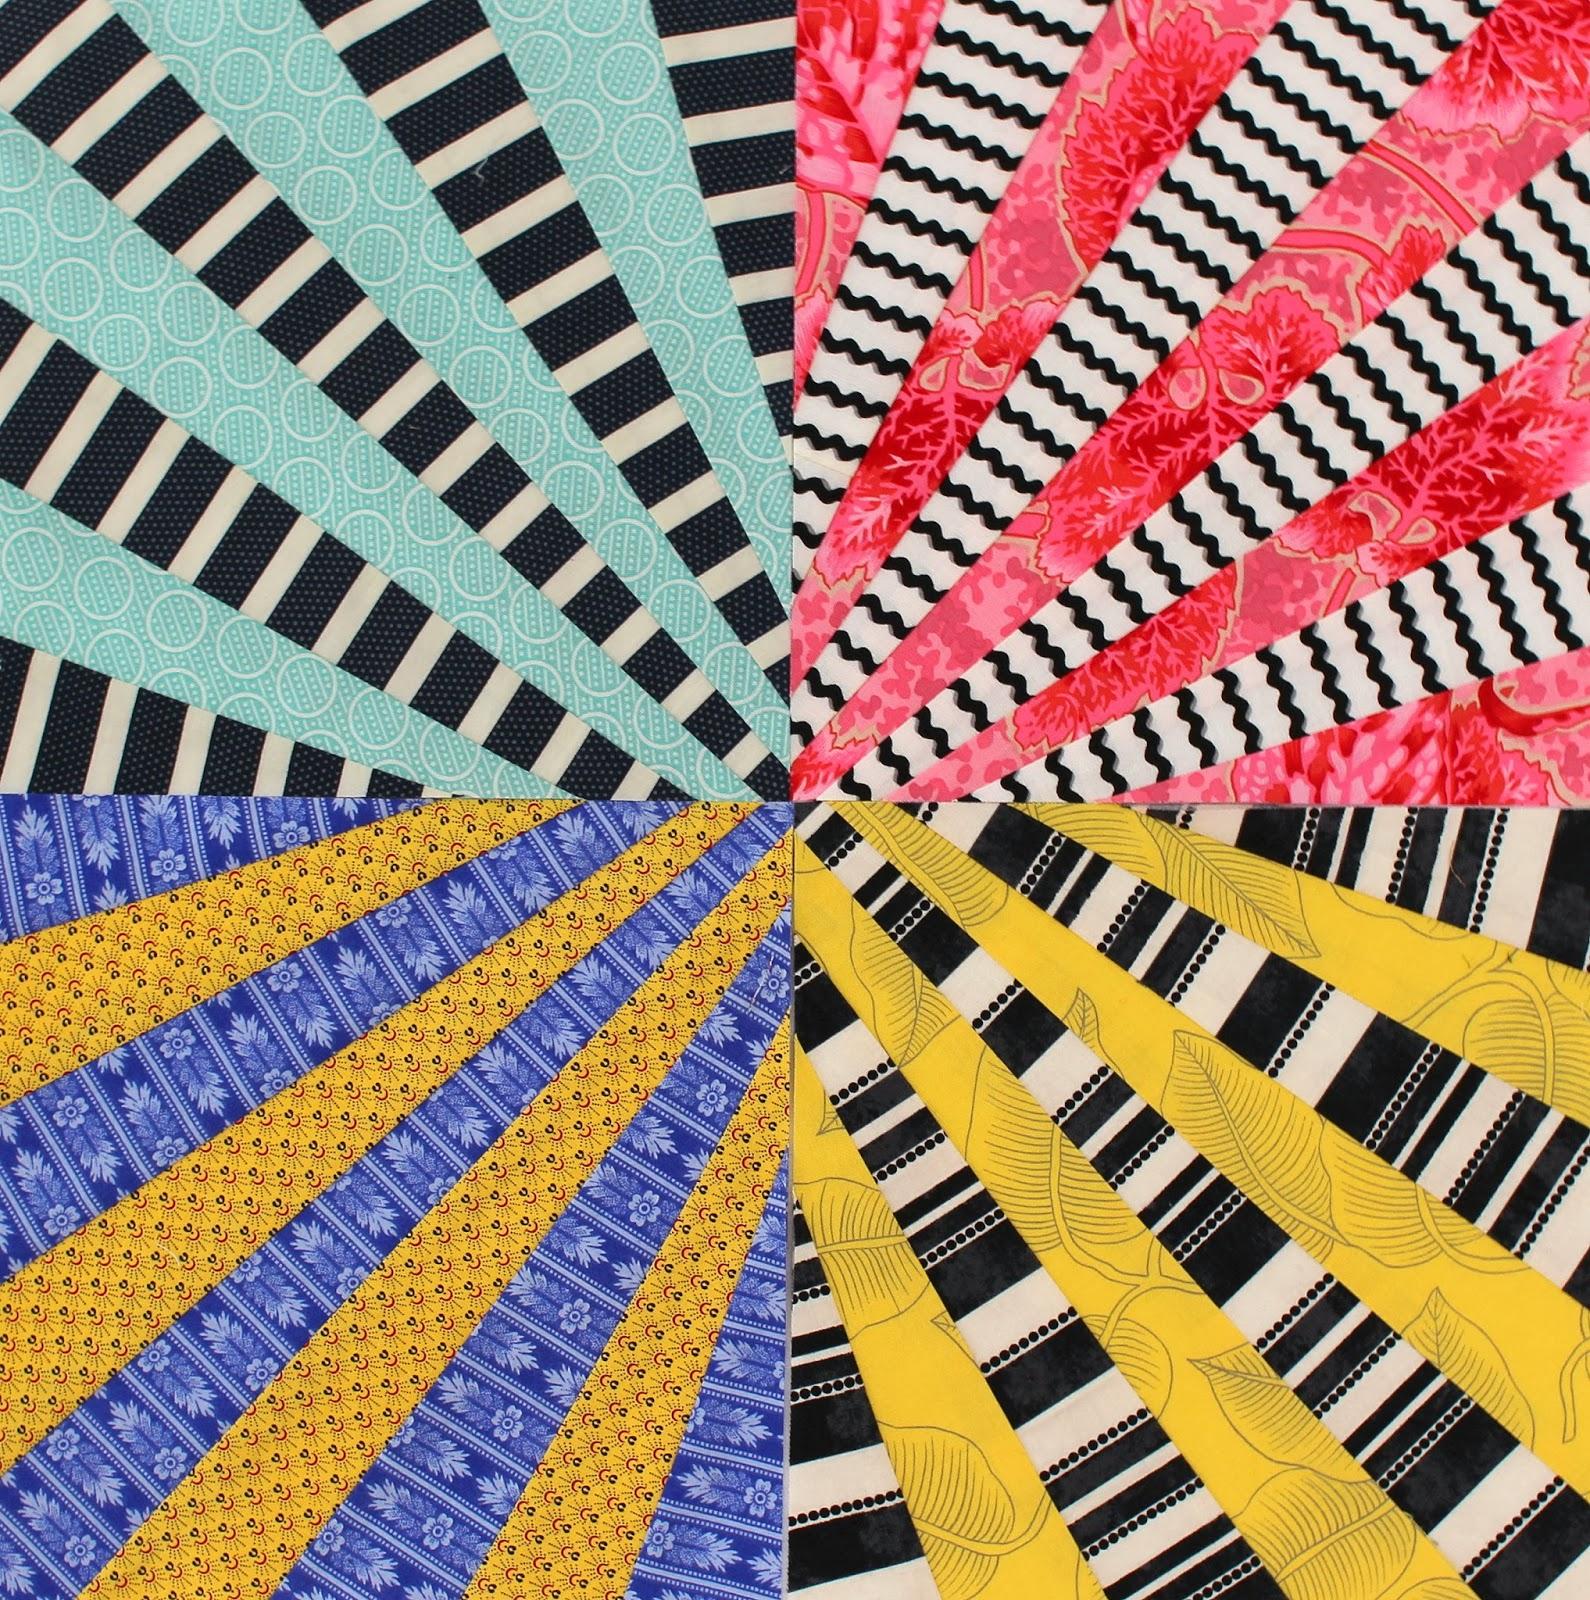 karen griska quilts ferris wheel fan quilt and pattern